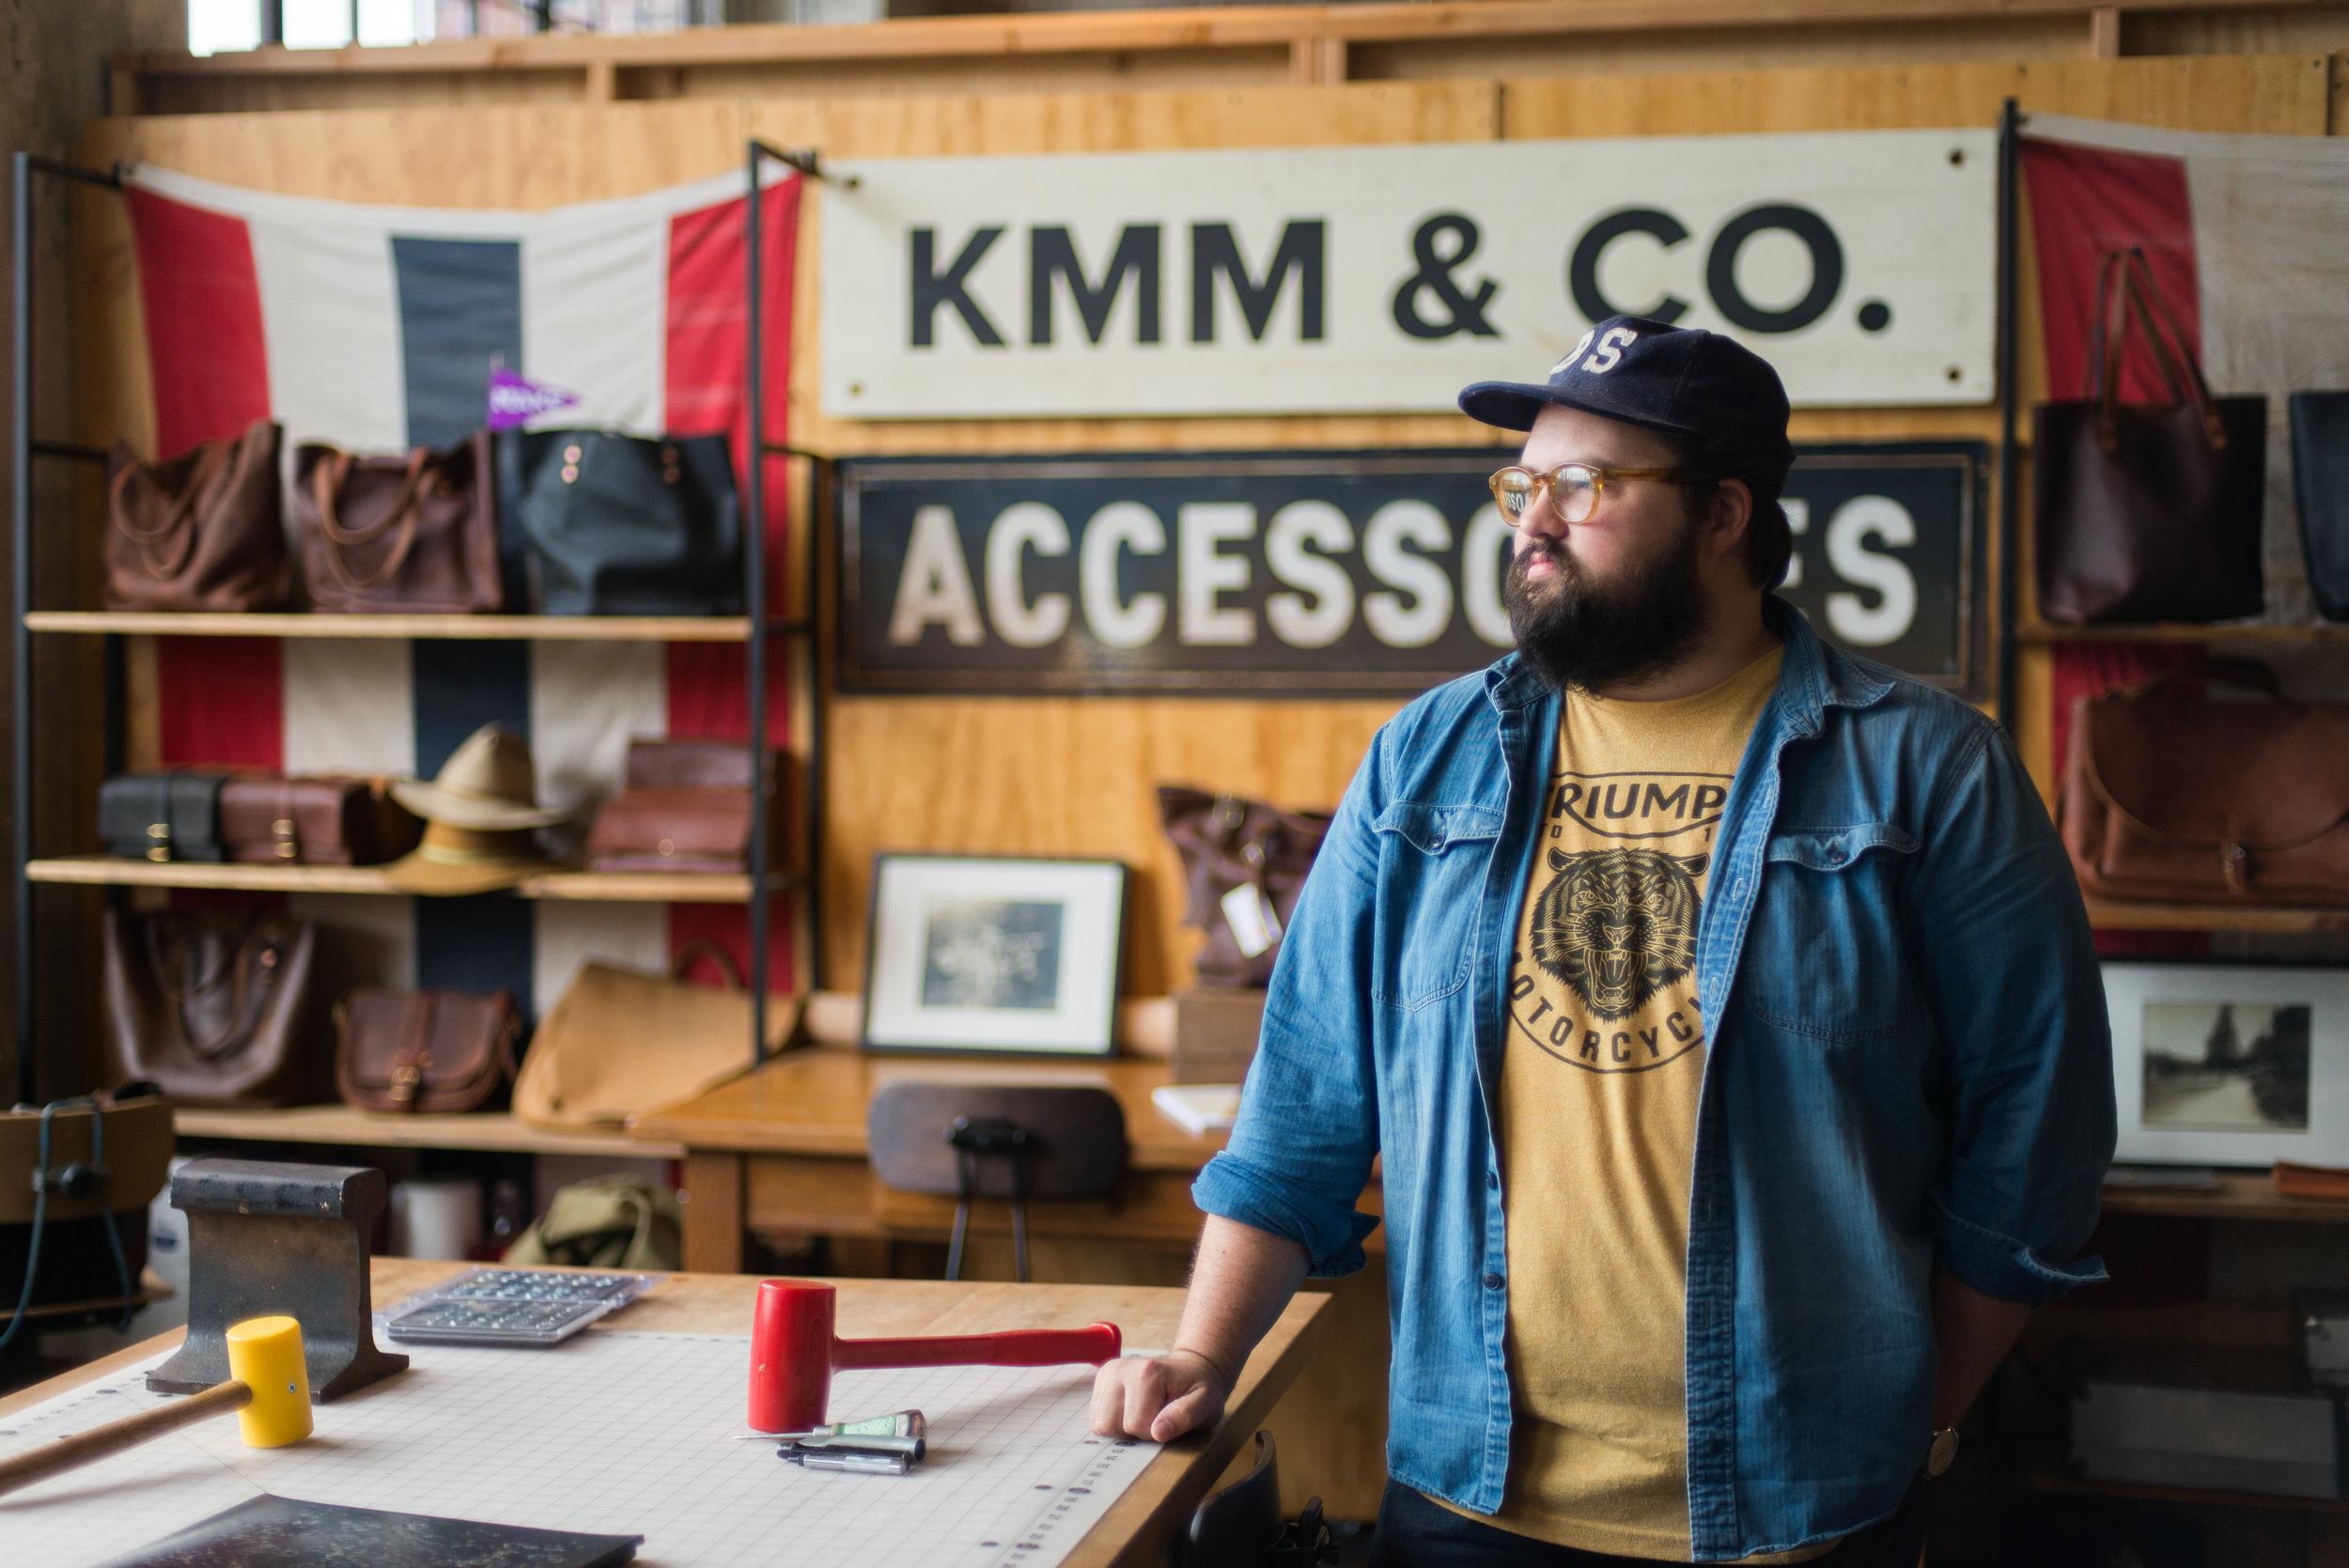 Makers: KMM & Co.